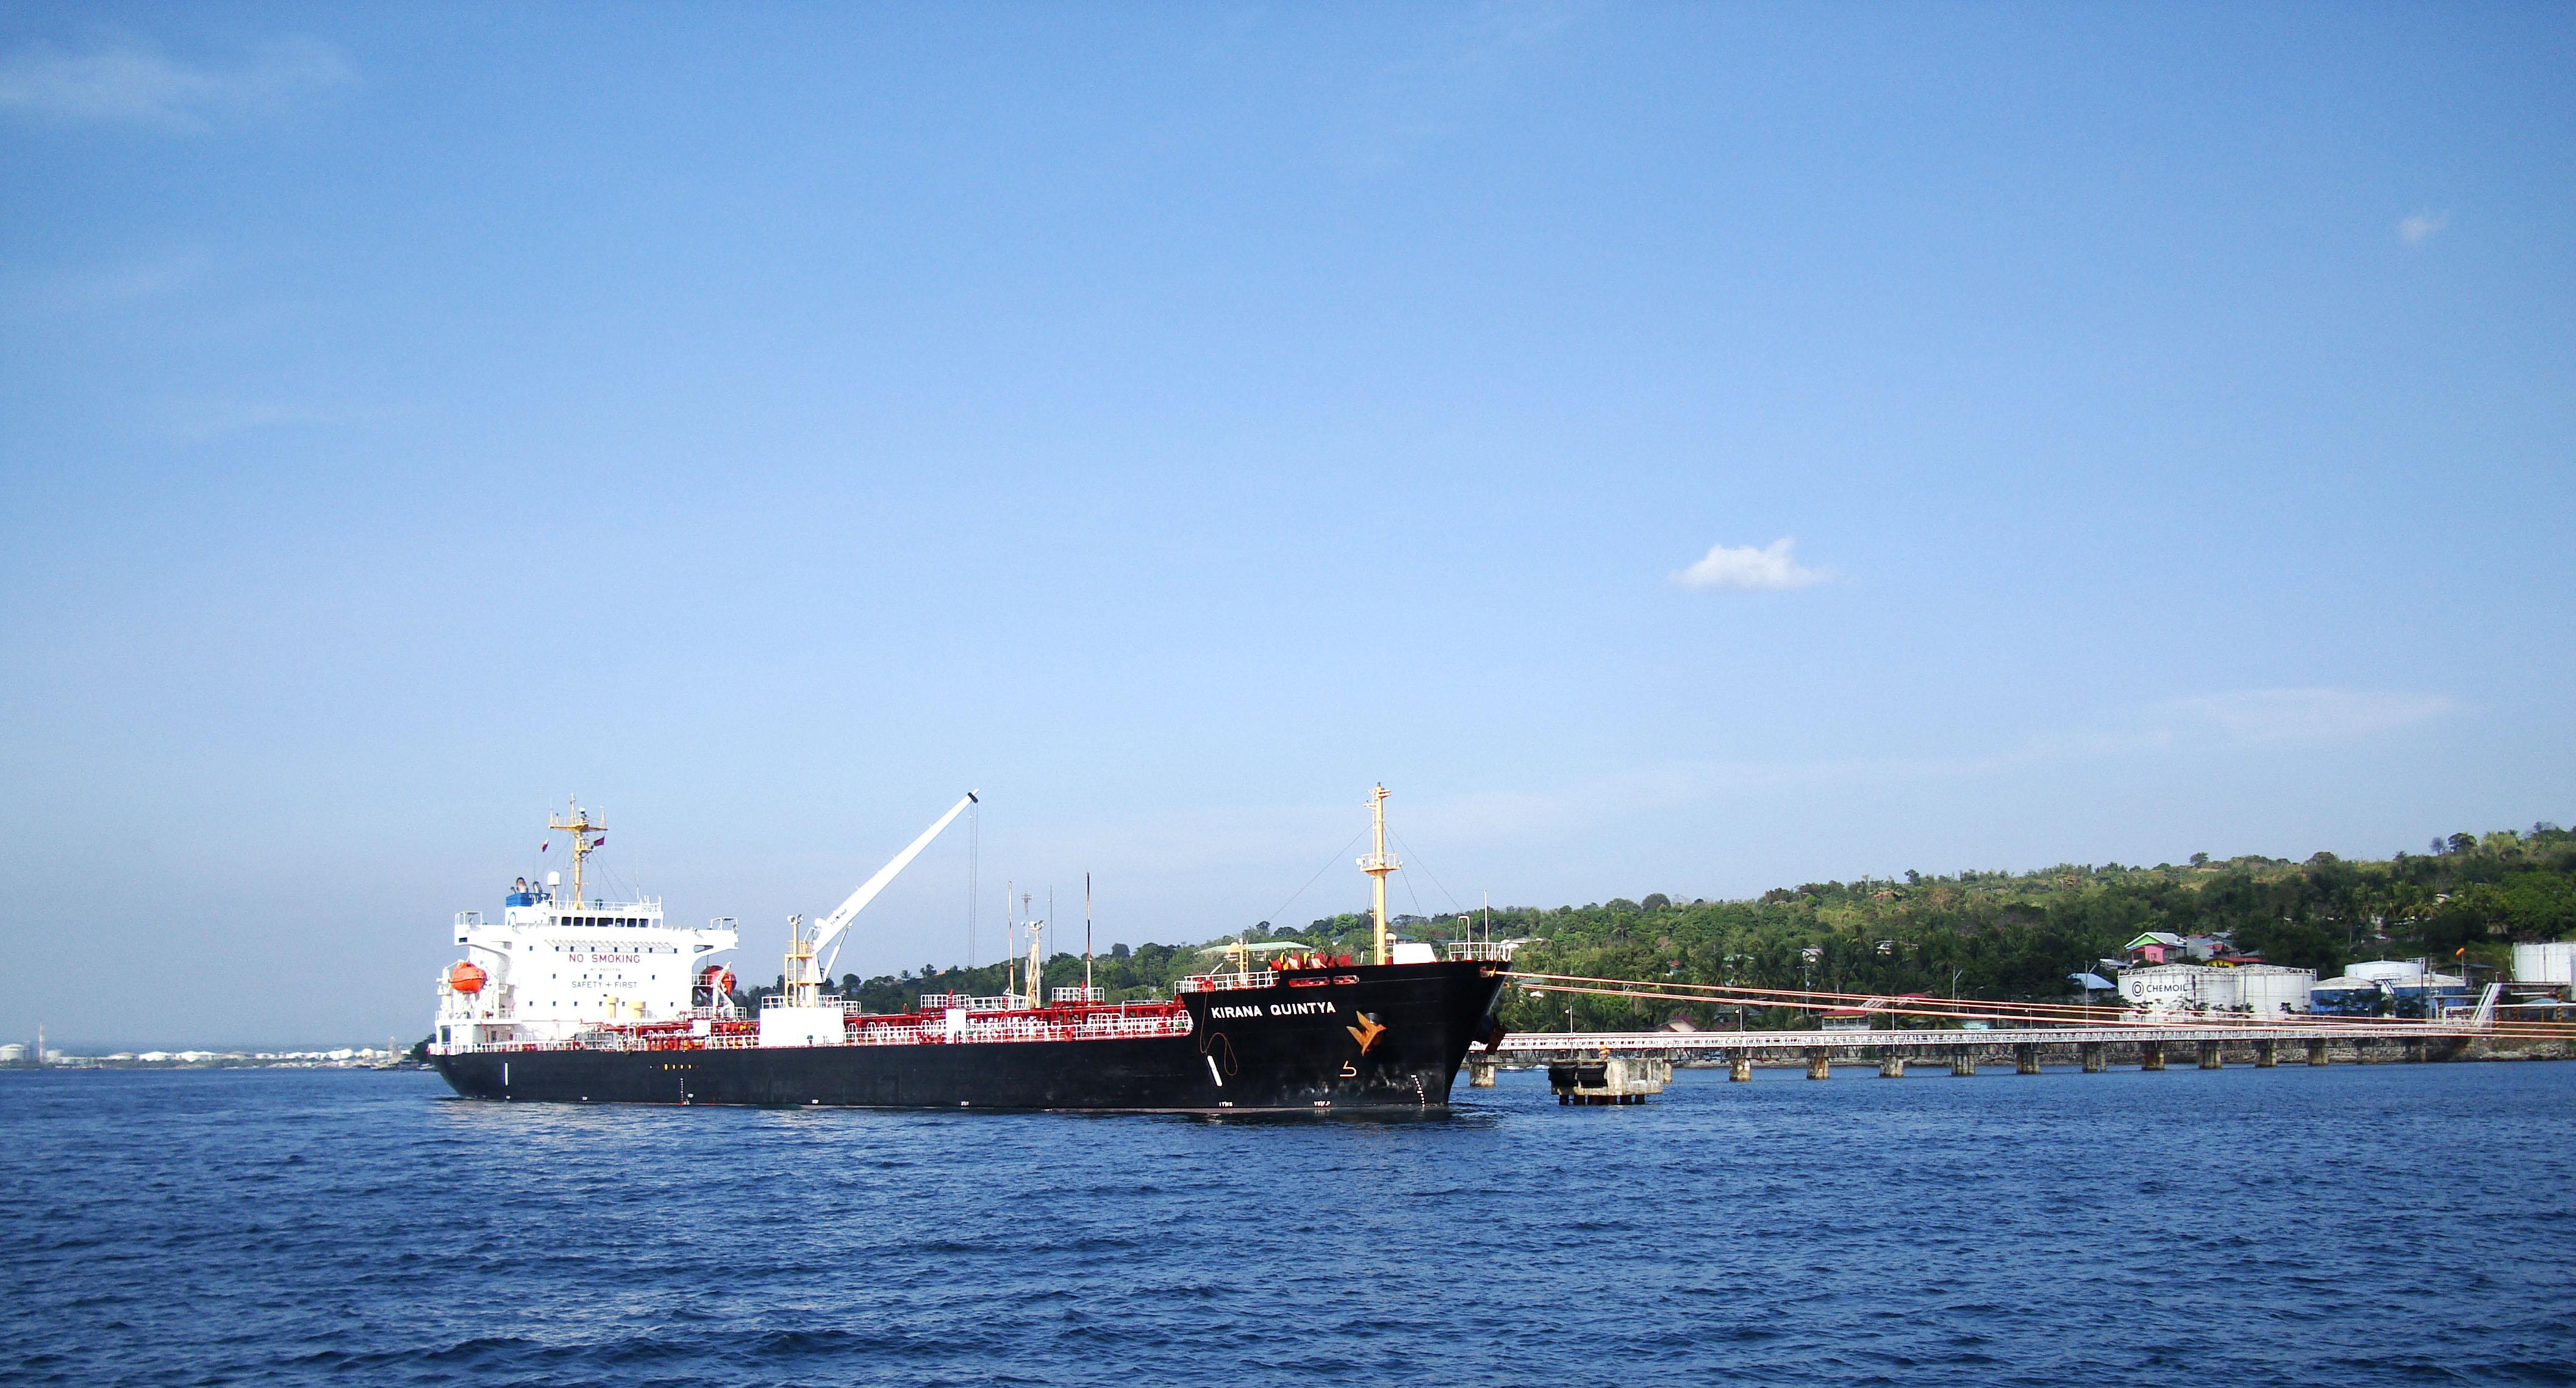 MV Kirana Quintya Batangus Philippines 02